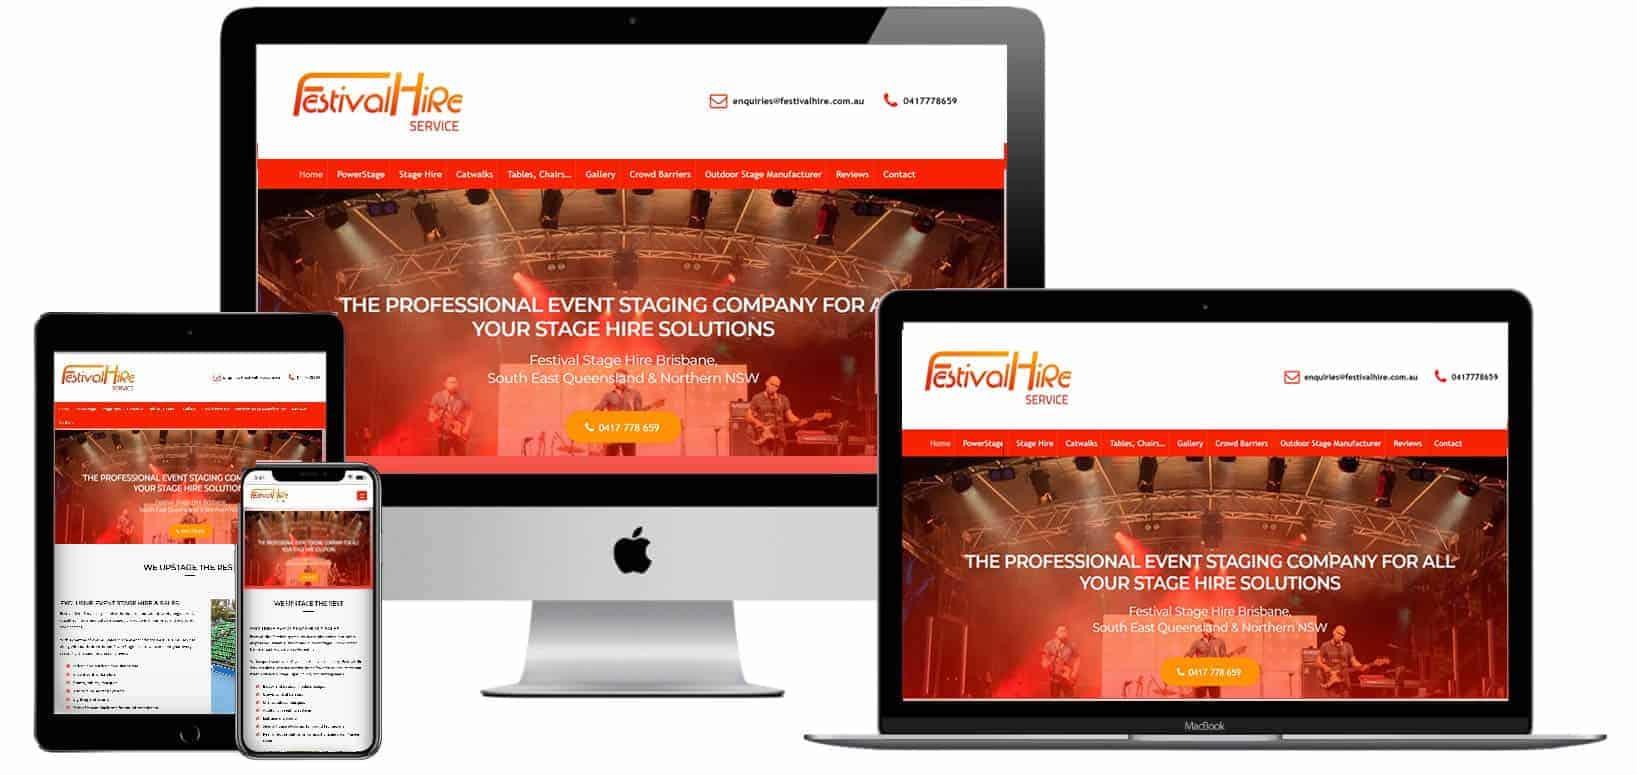 Party hire pro web design